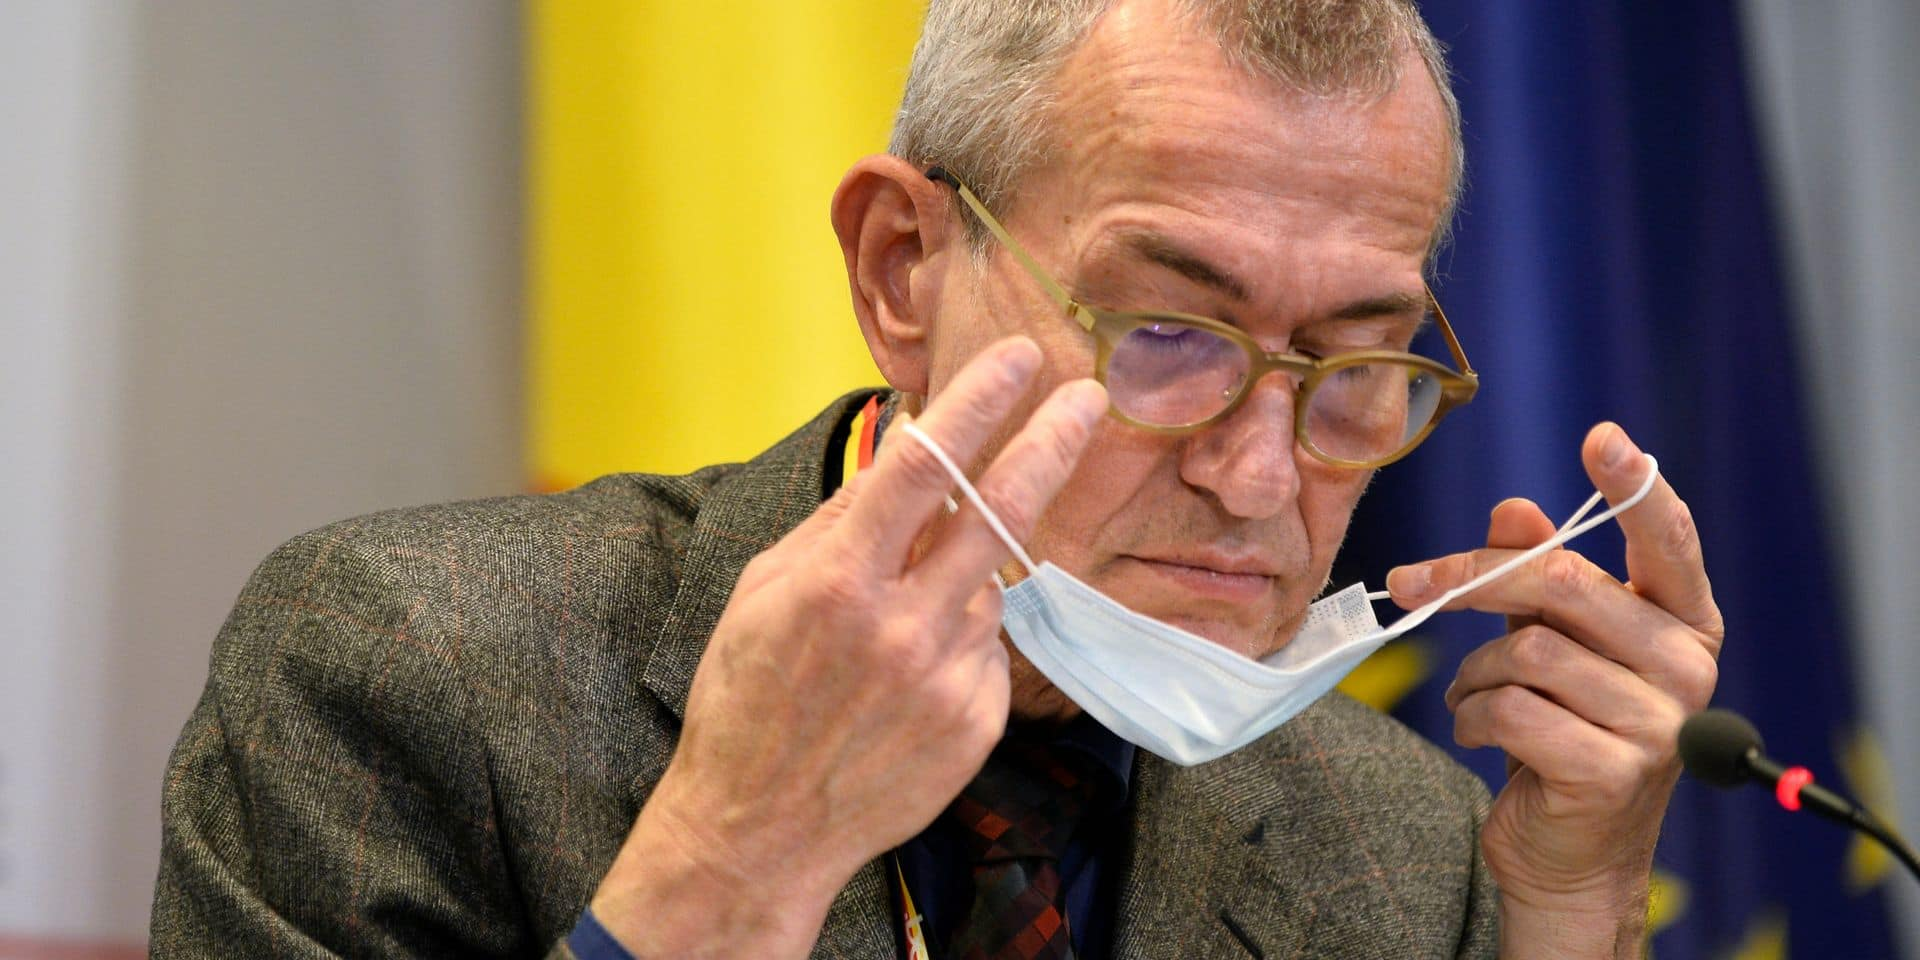 Frank Vandenbroucke n'a pas écouté l'OMS: la Belgique a dépensé 4,3 millions pour un médicament inefficace !